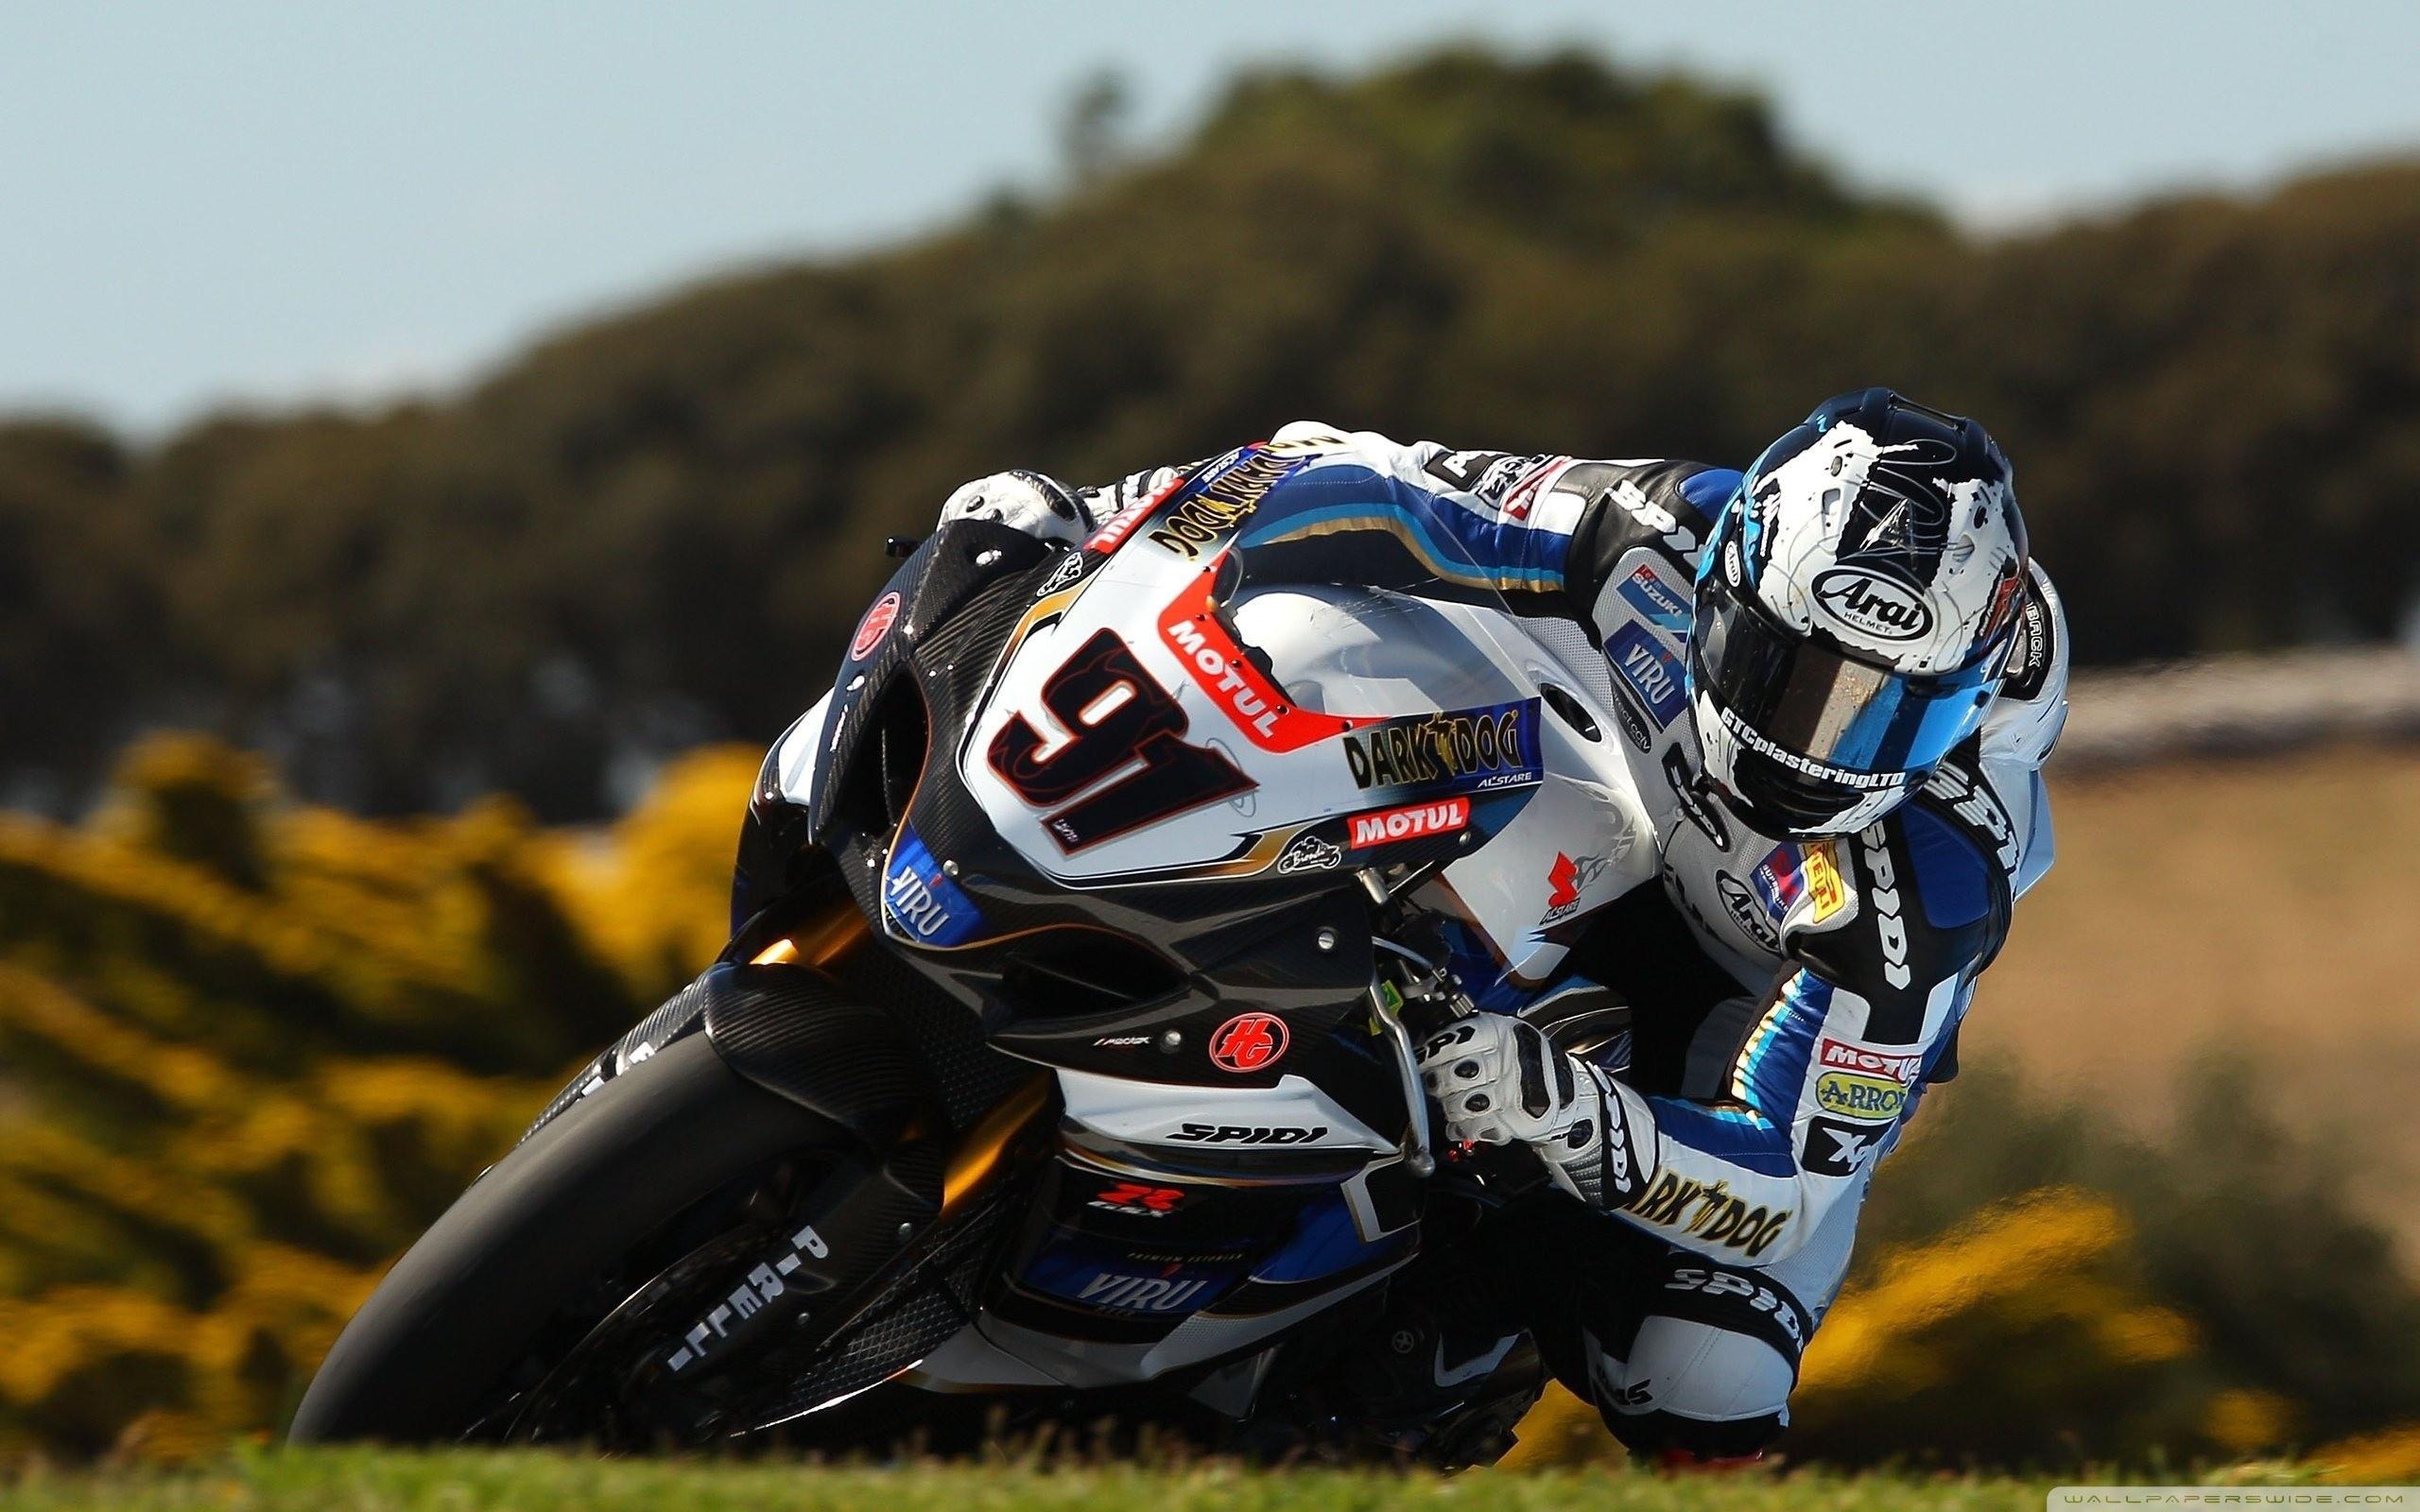 картинки гонки мотоциклов #12